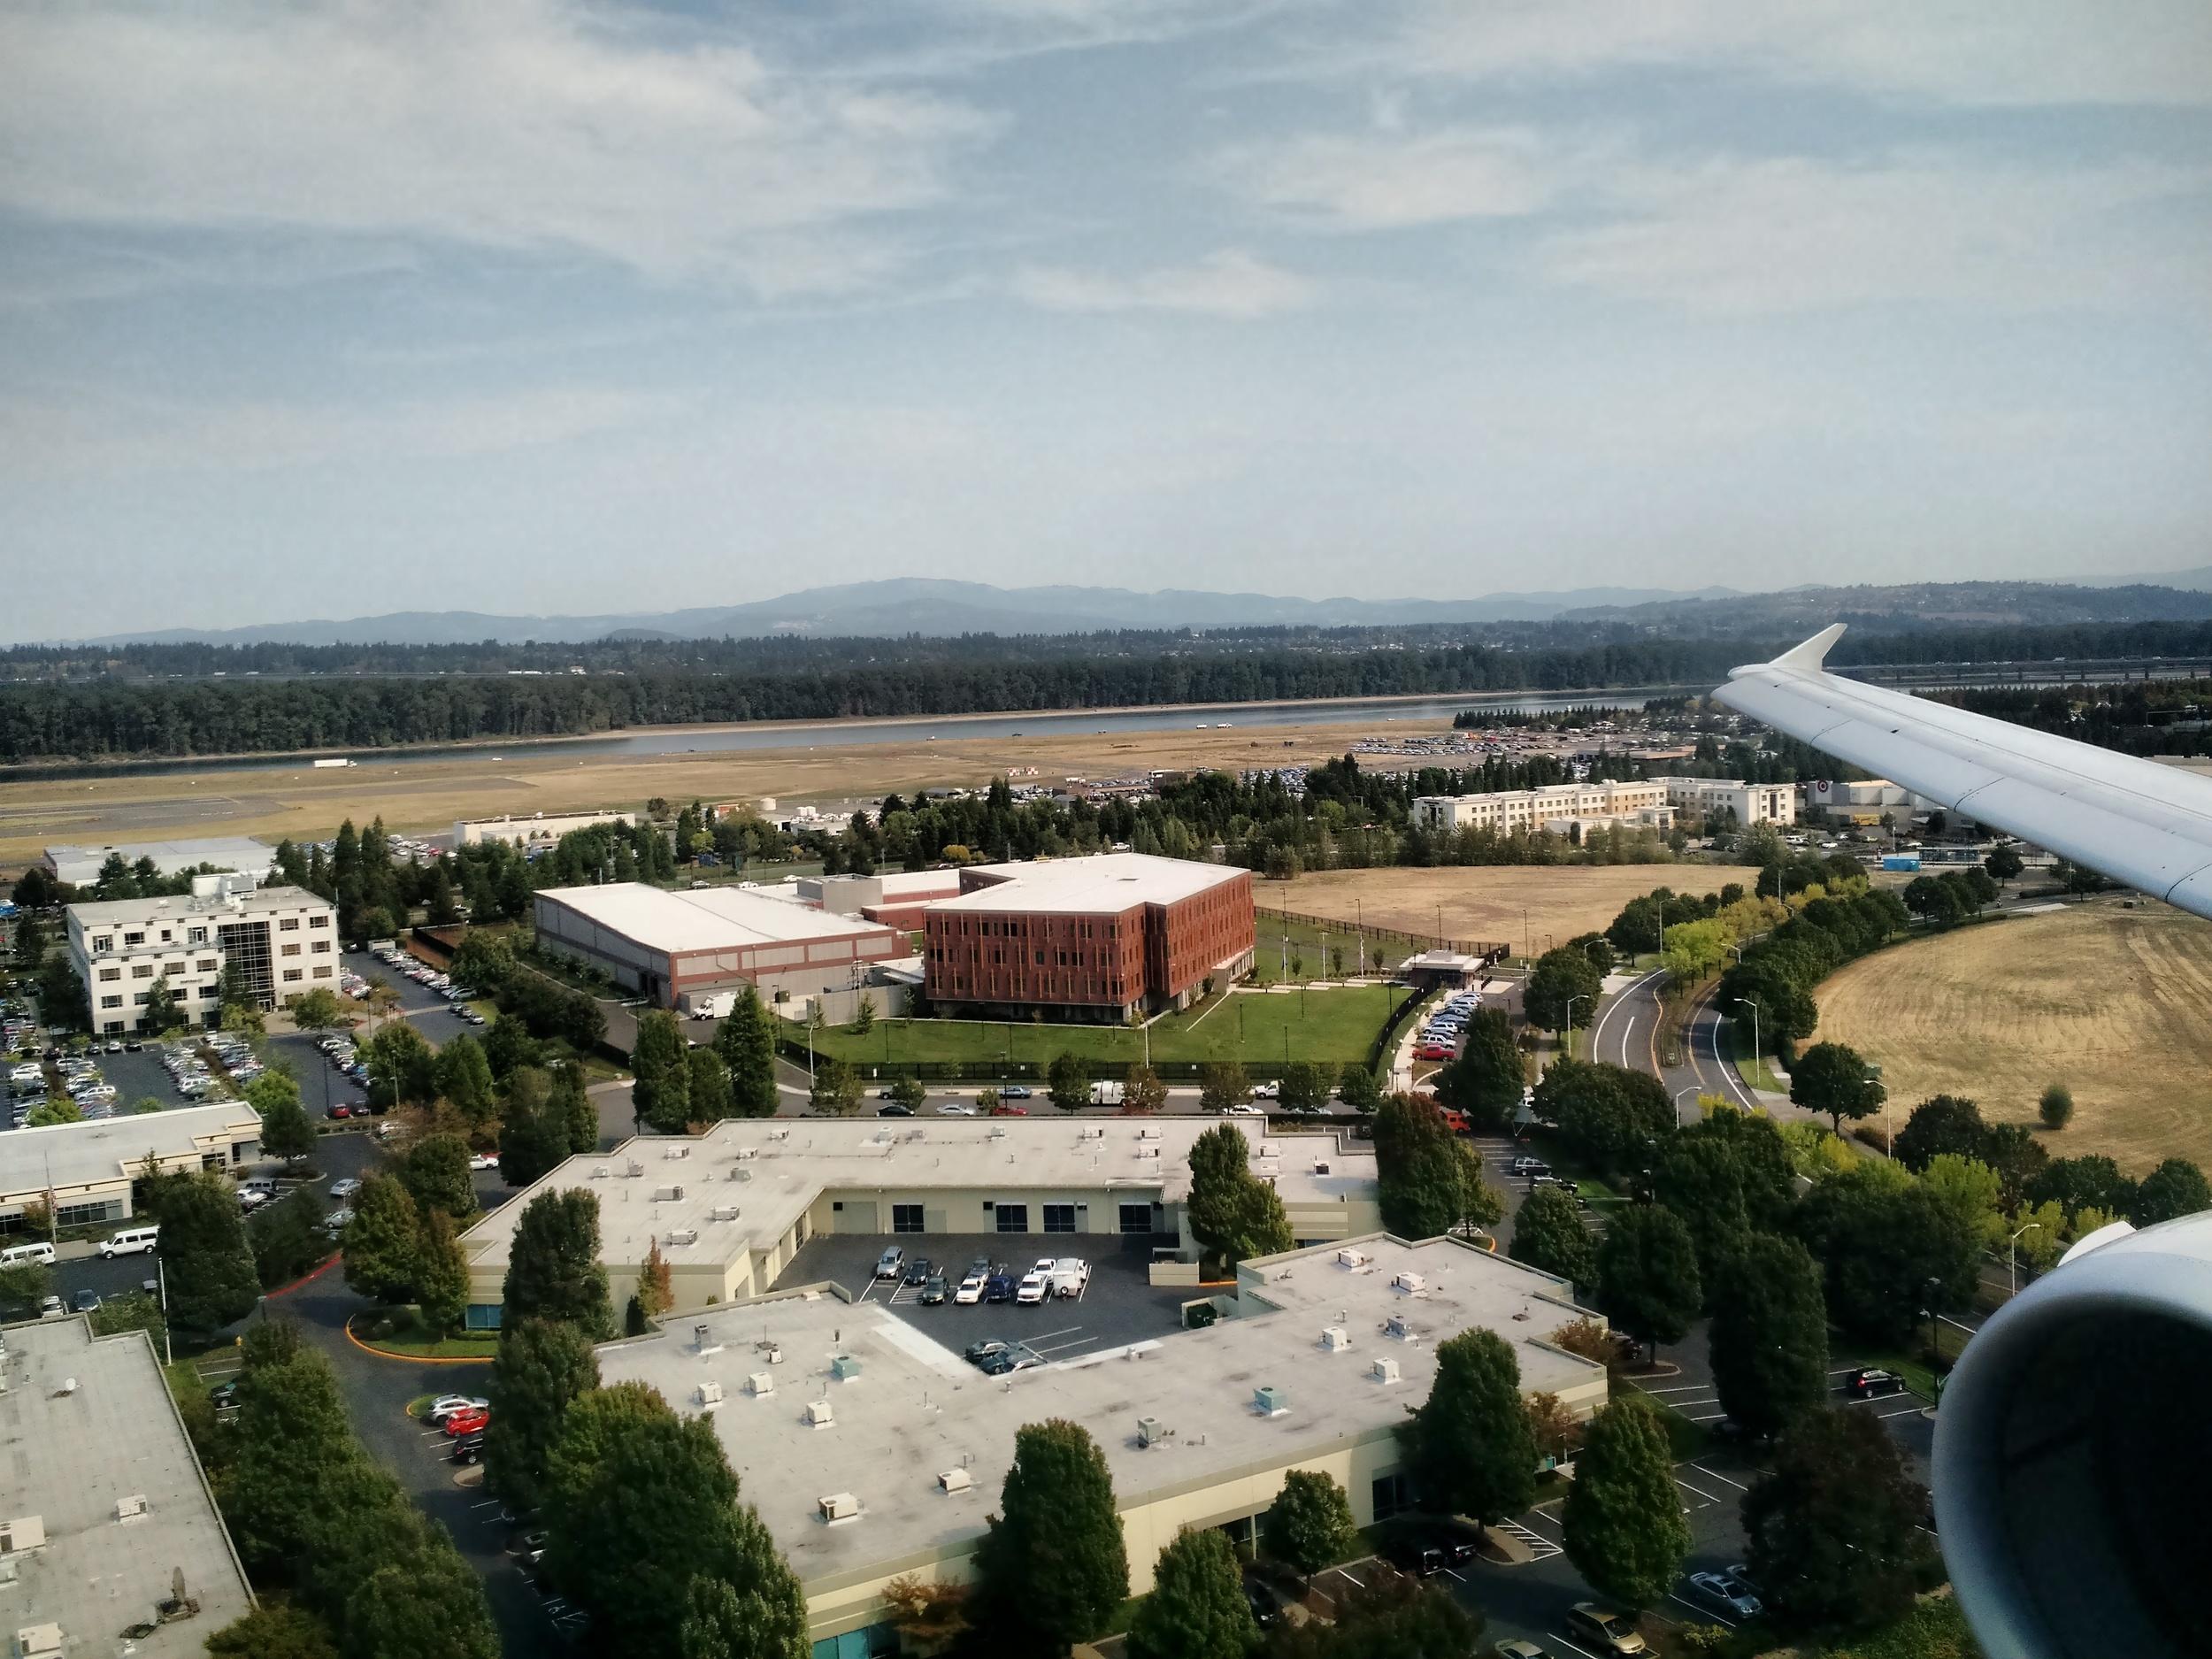 Landing in Portland (PDX)